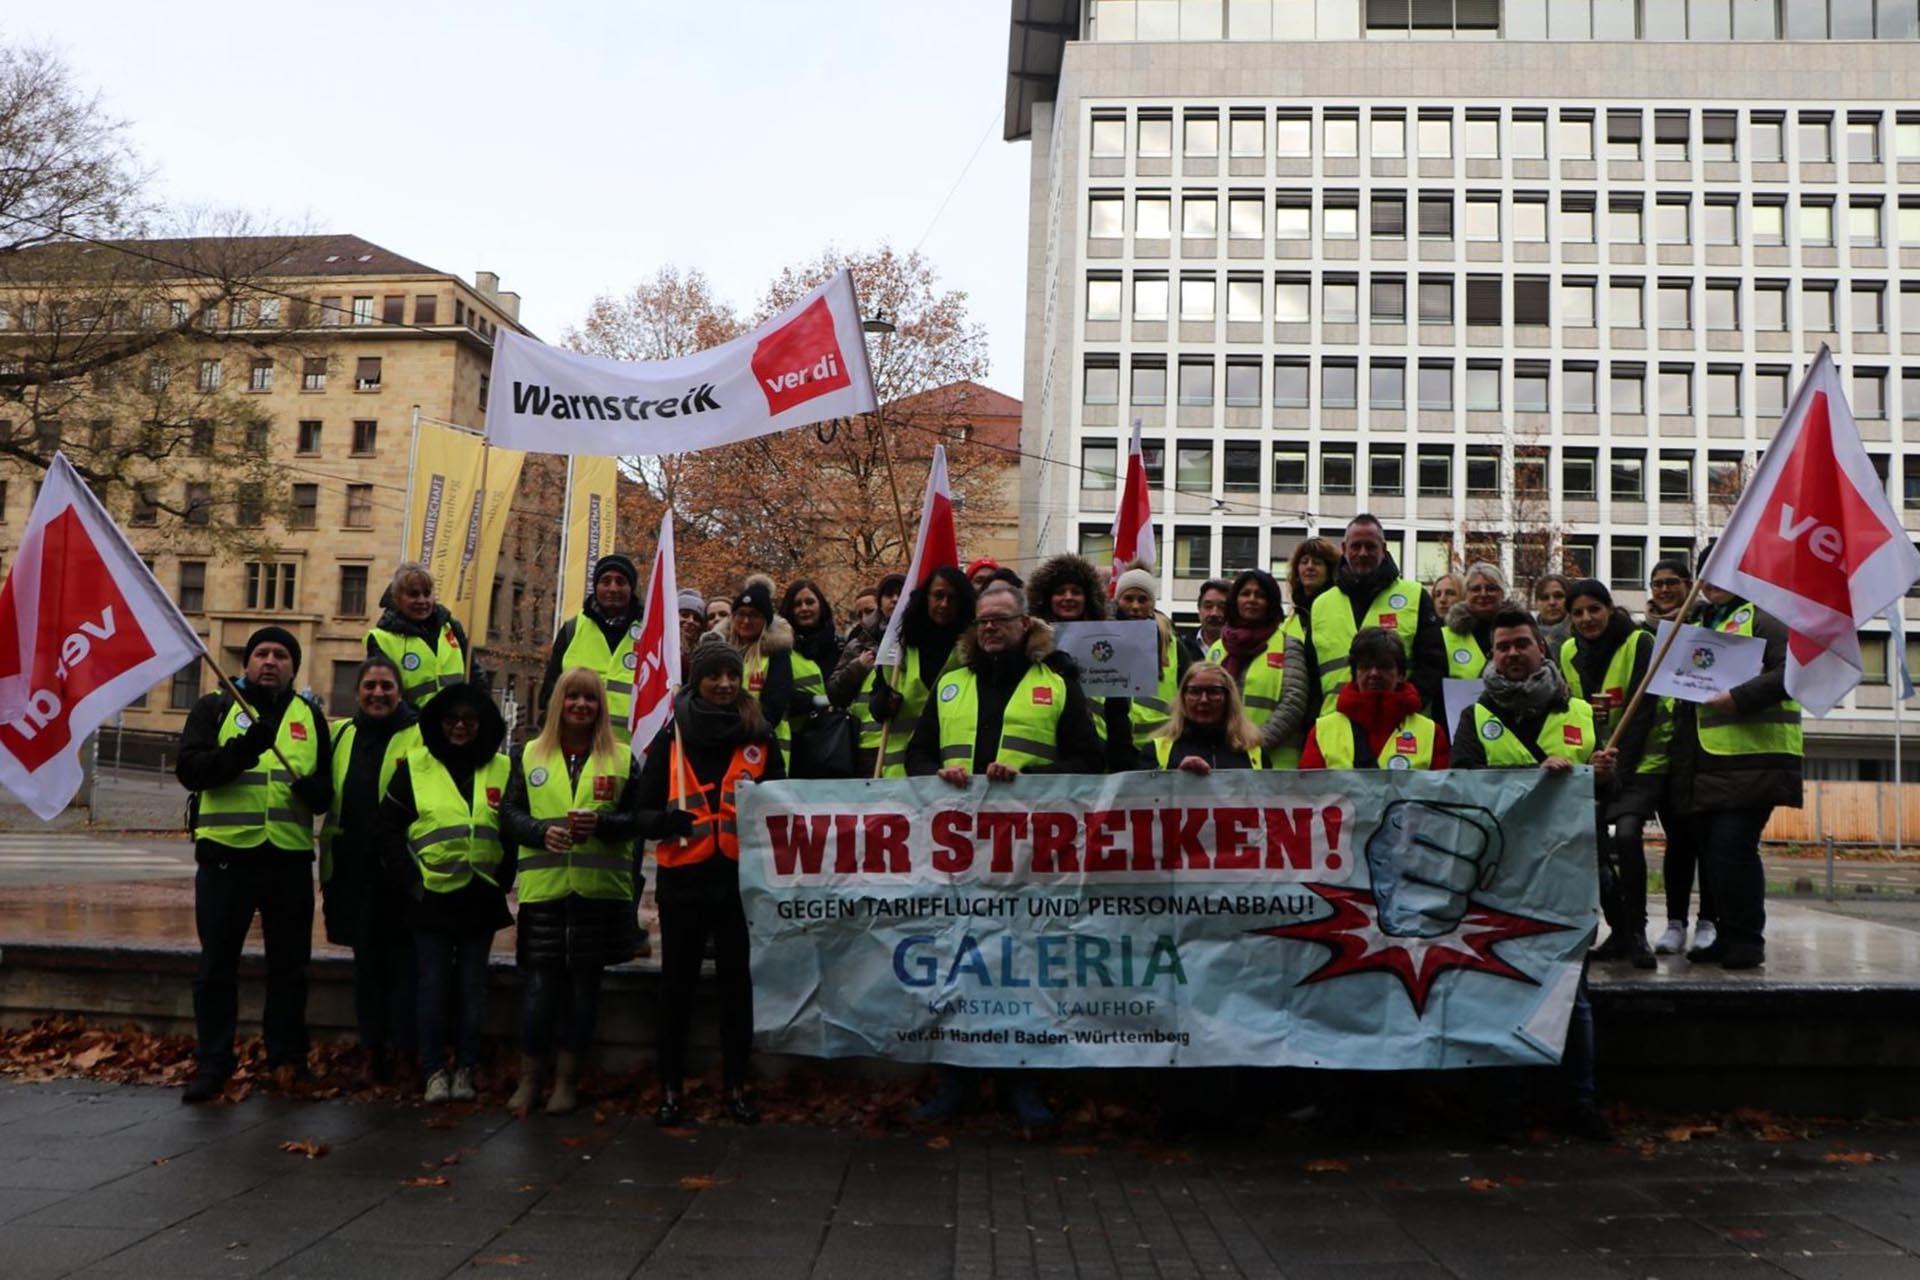 Galeria Kaufhof da çalışanları uyarı grevinde